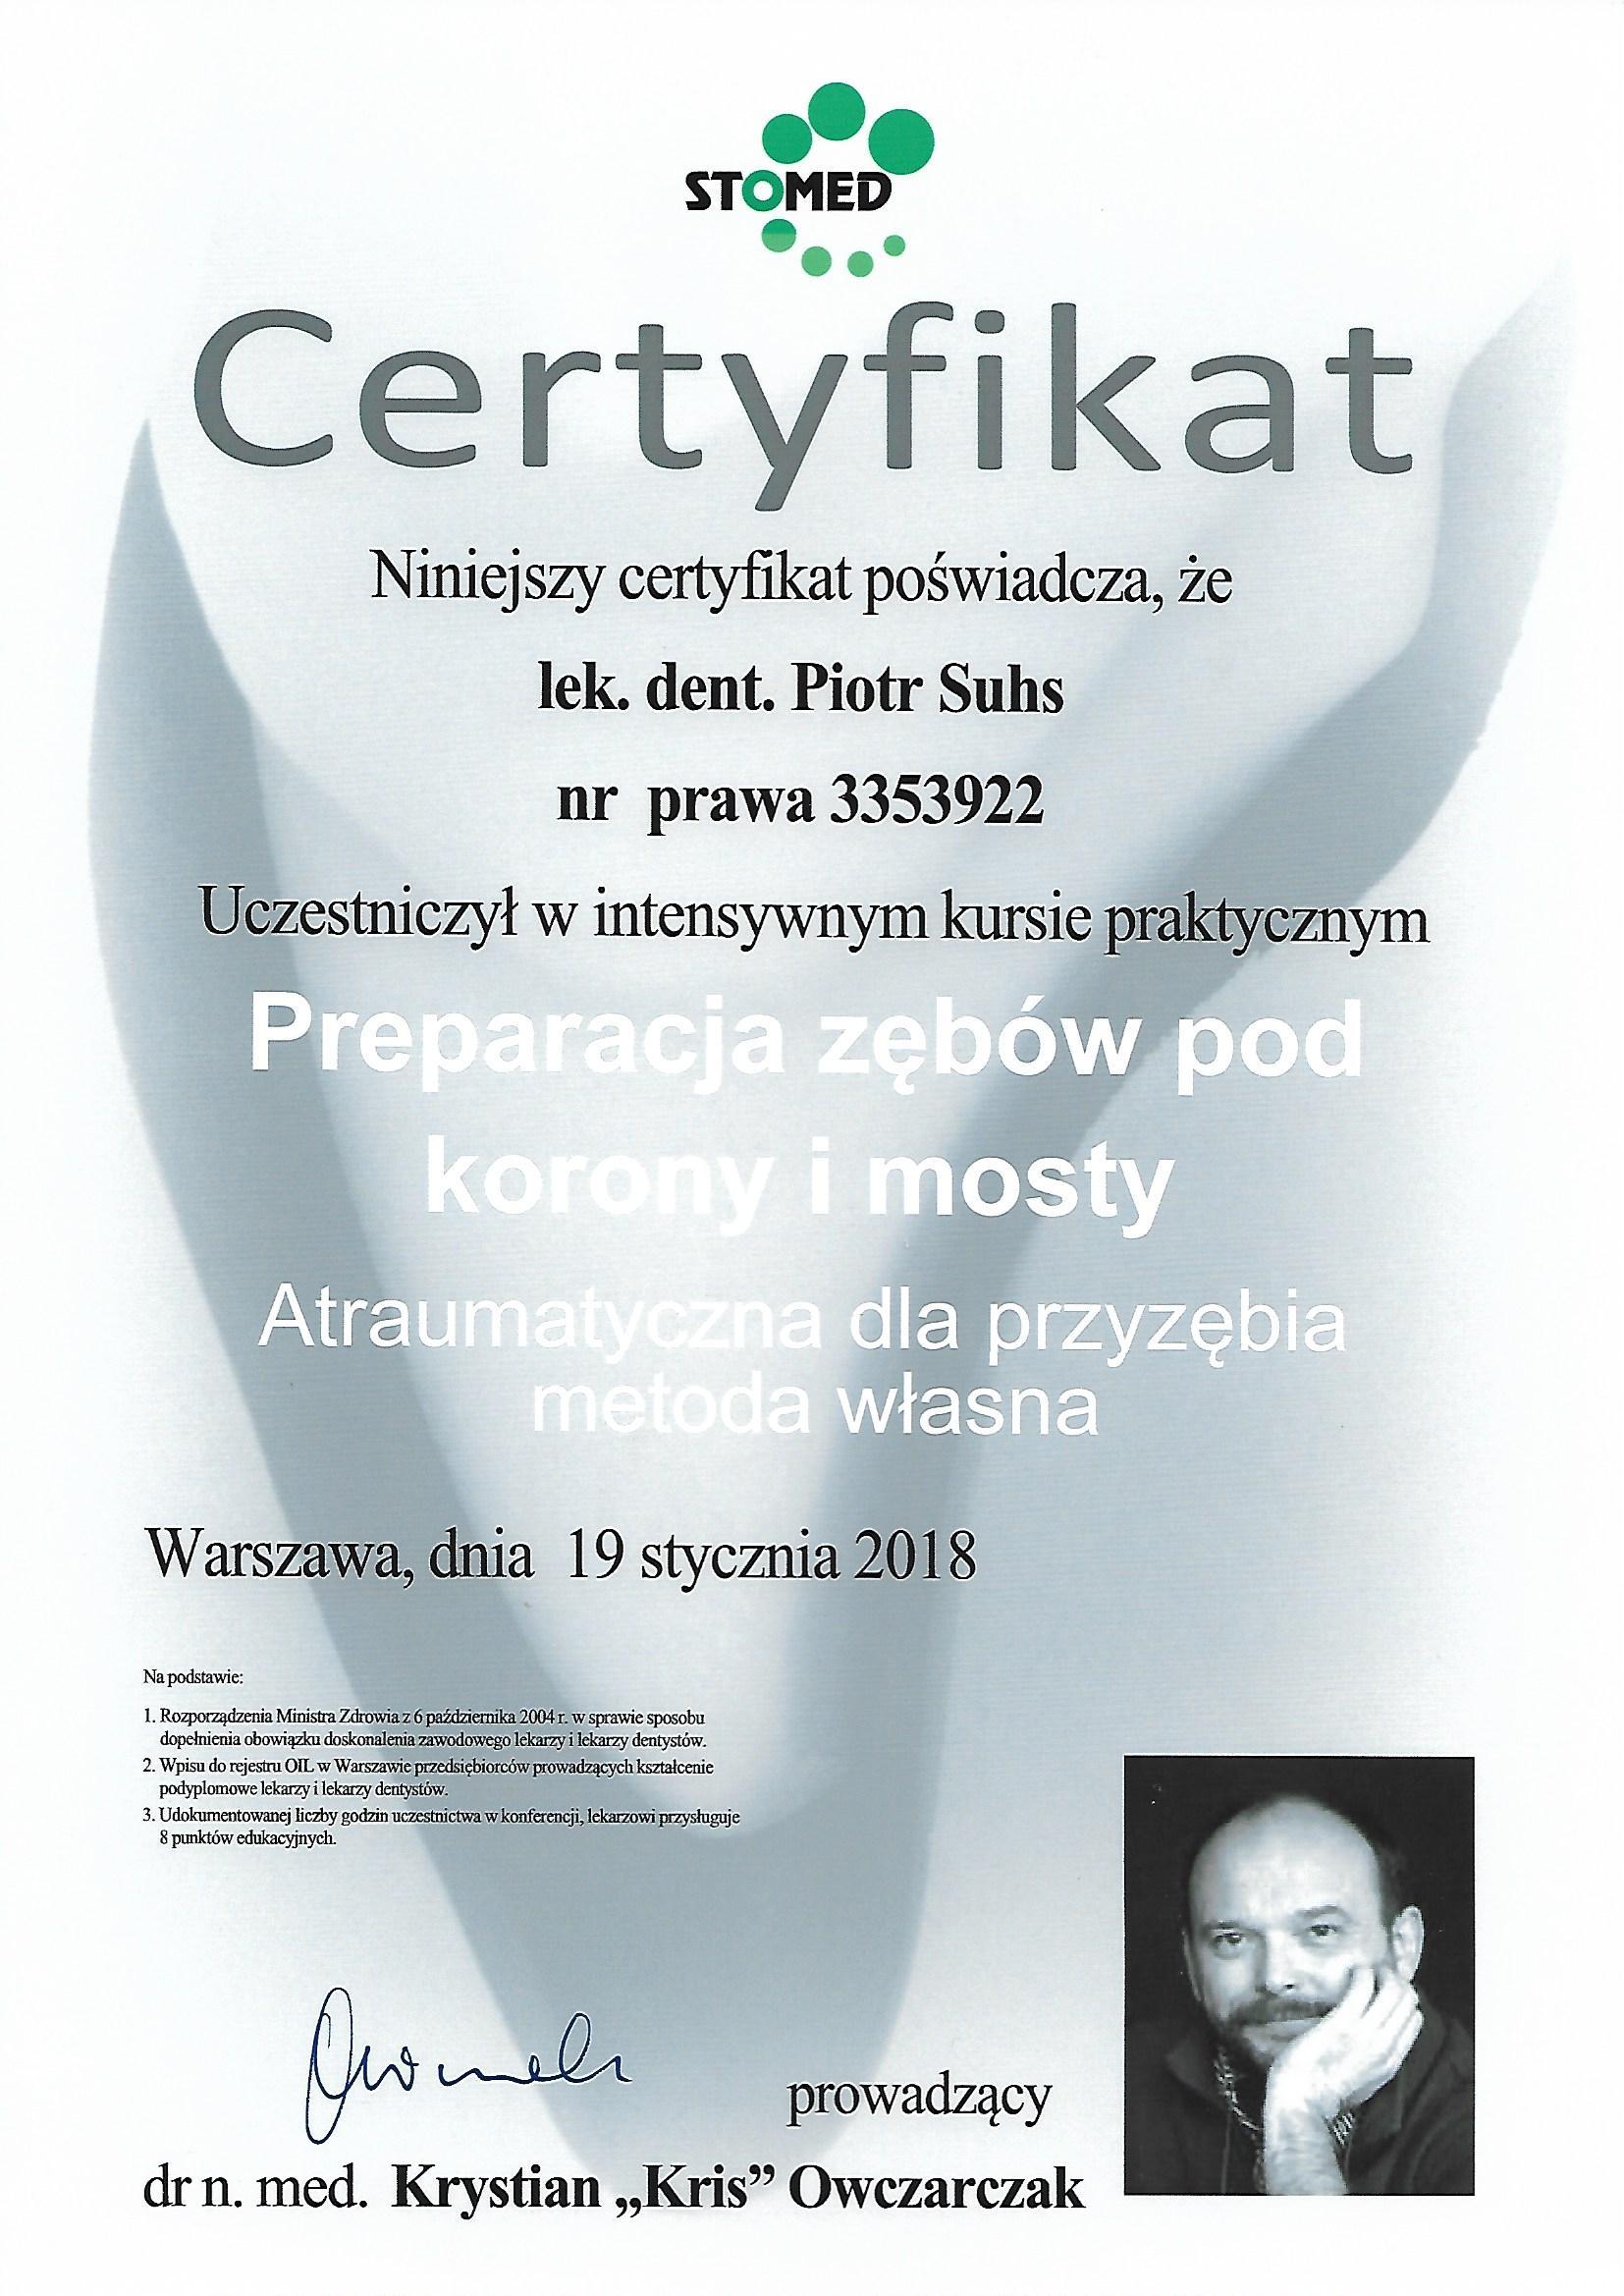 Piotr Suhs Warszawa 19.01.2018